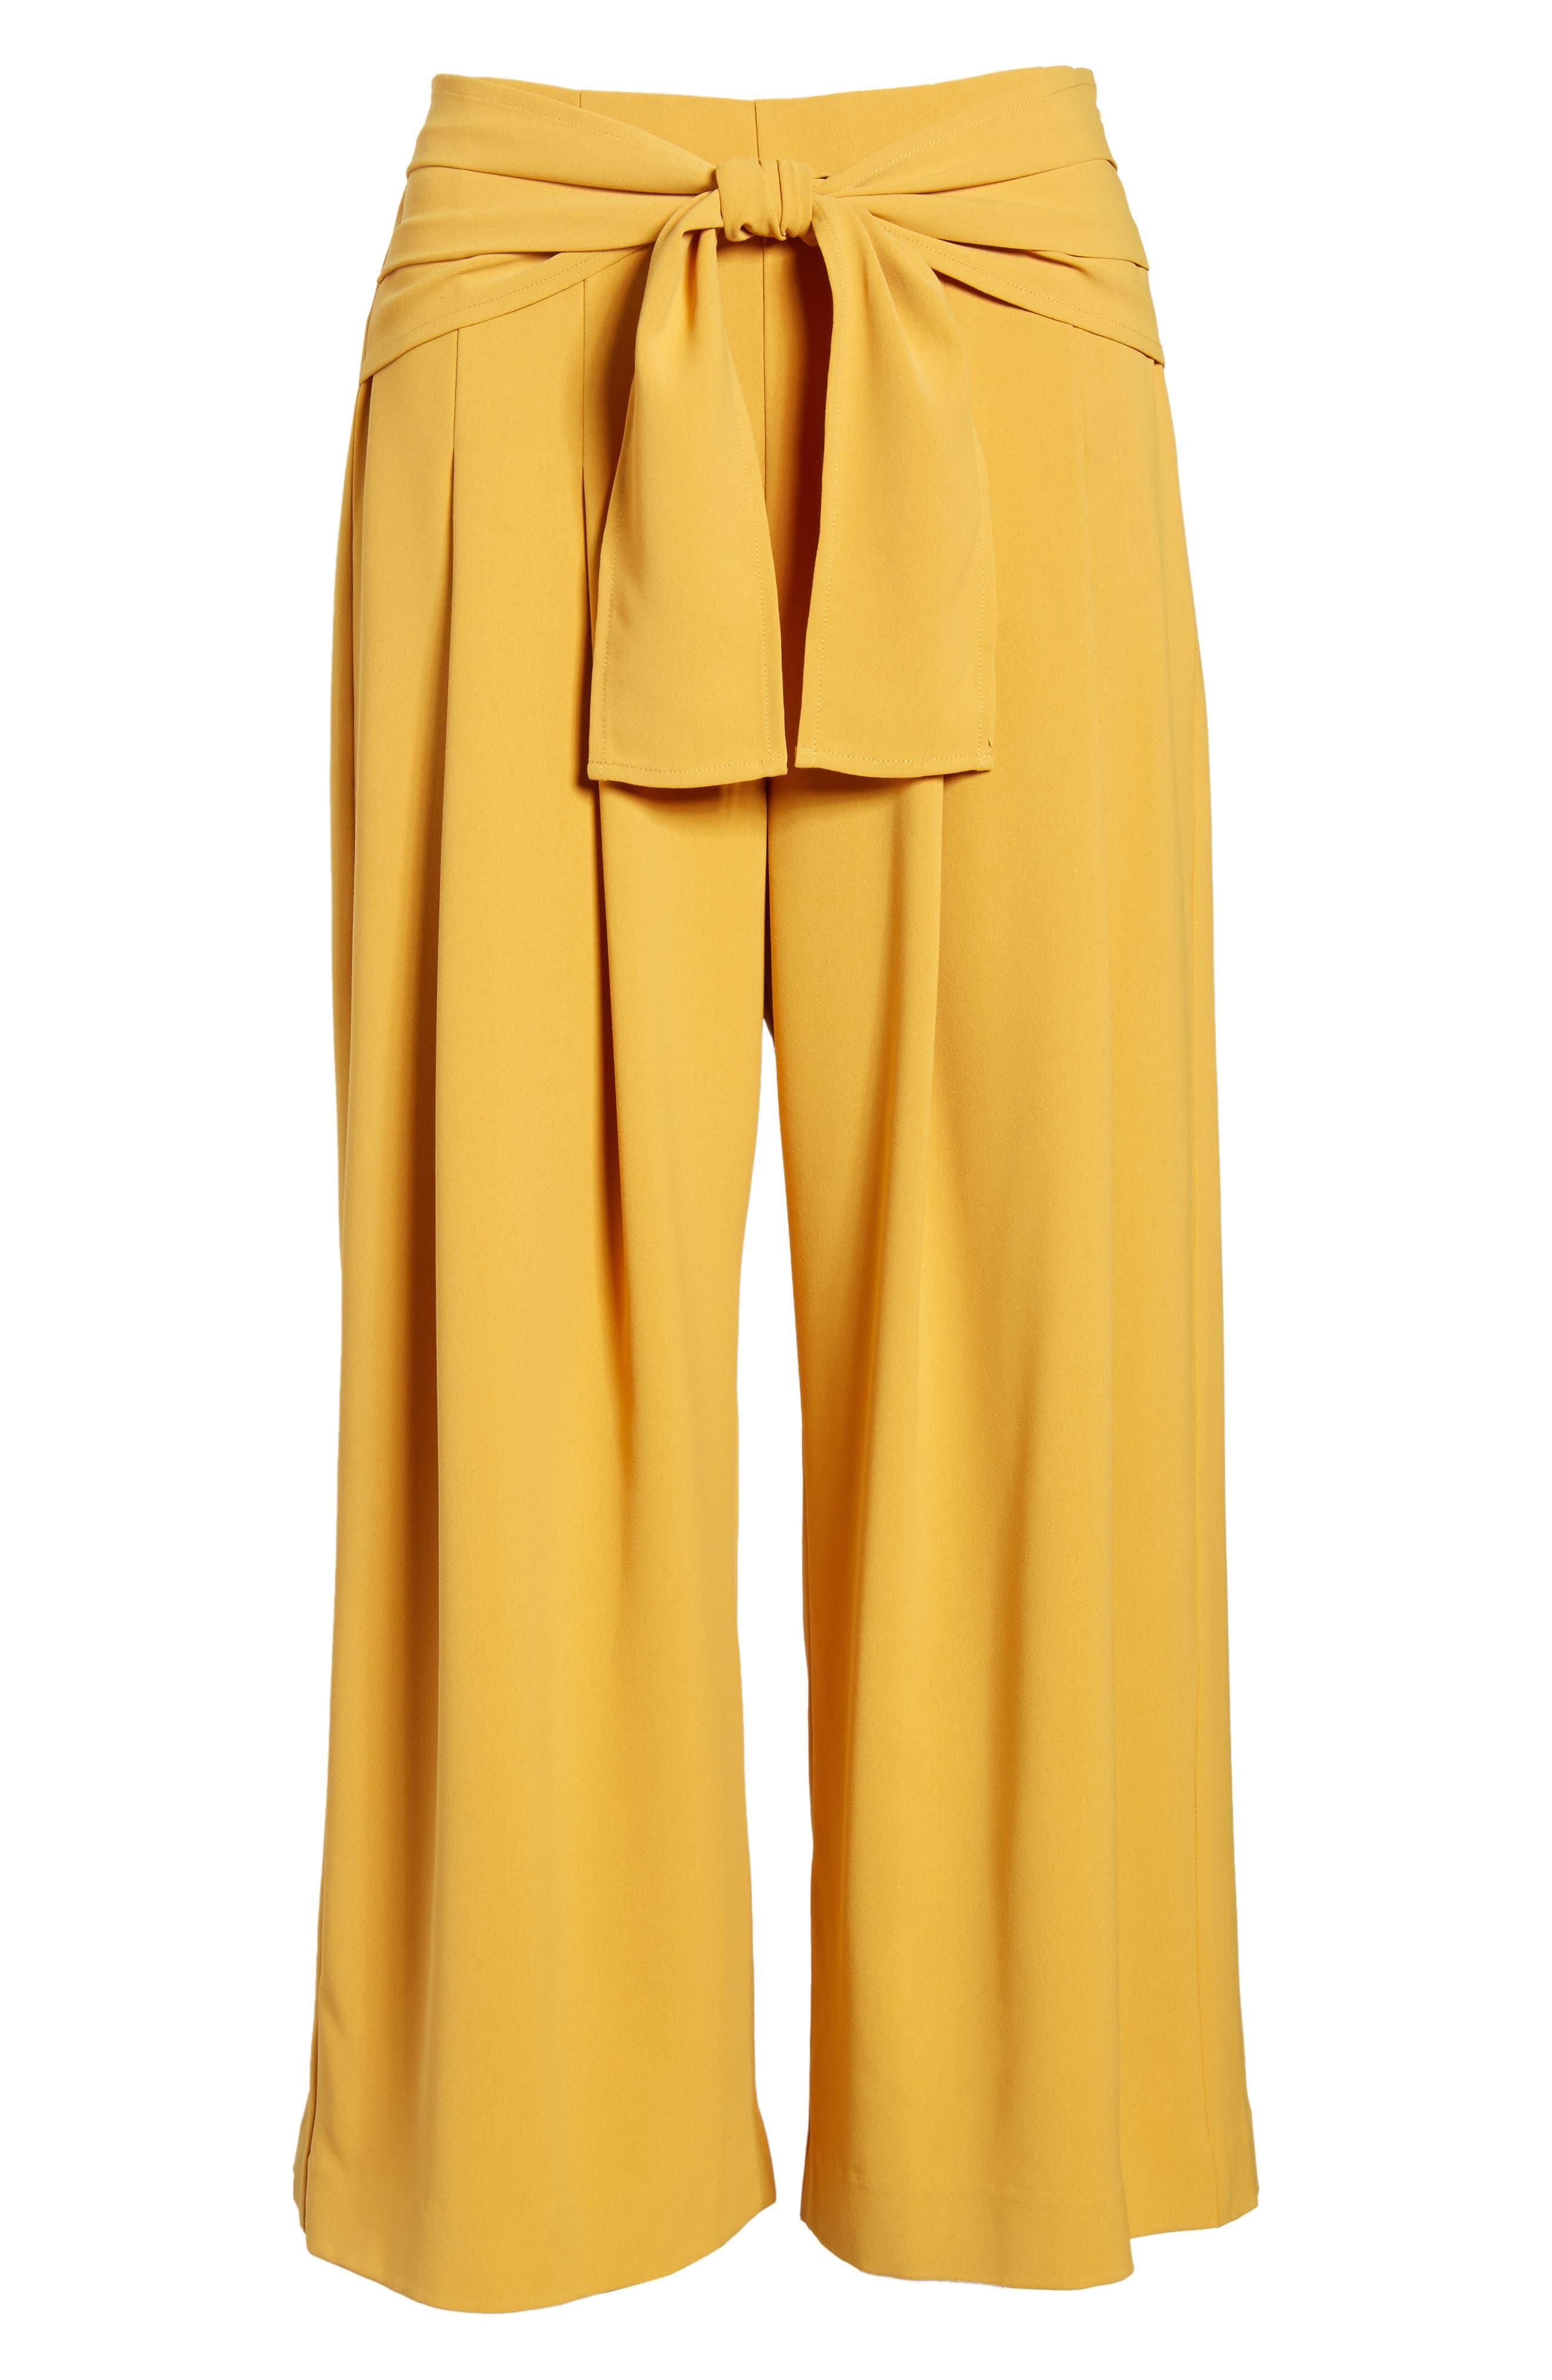 Crop Tie Waist Pants,                             Alternate thumbnail 8, color,                             Marigold